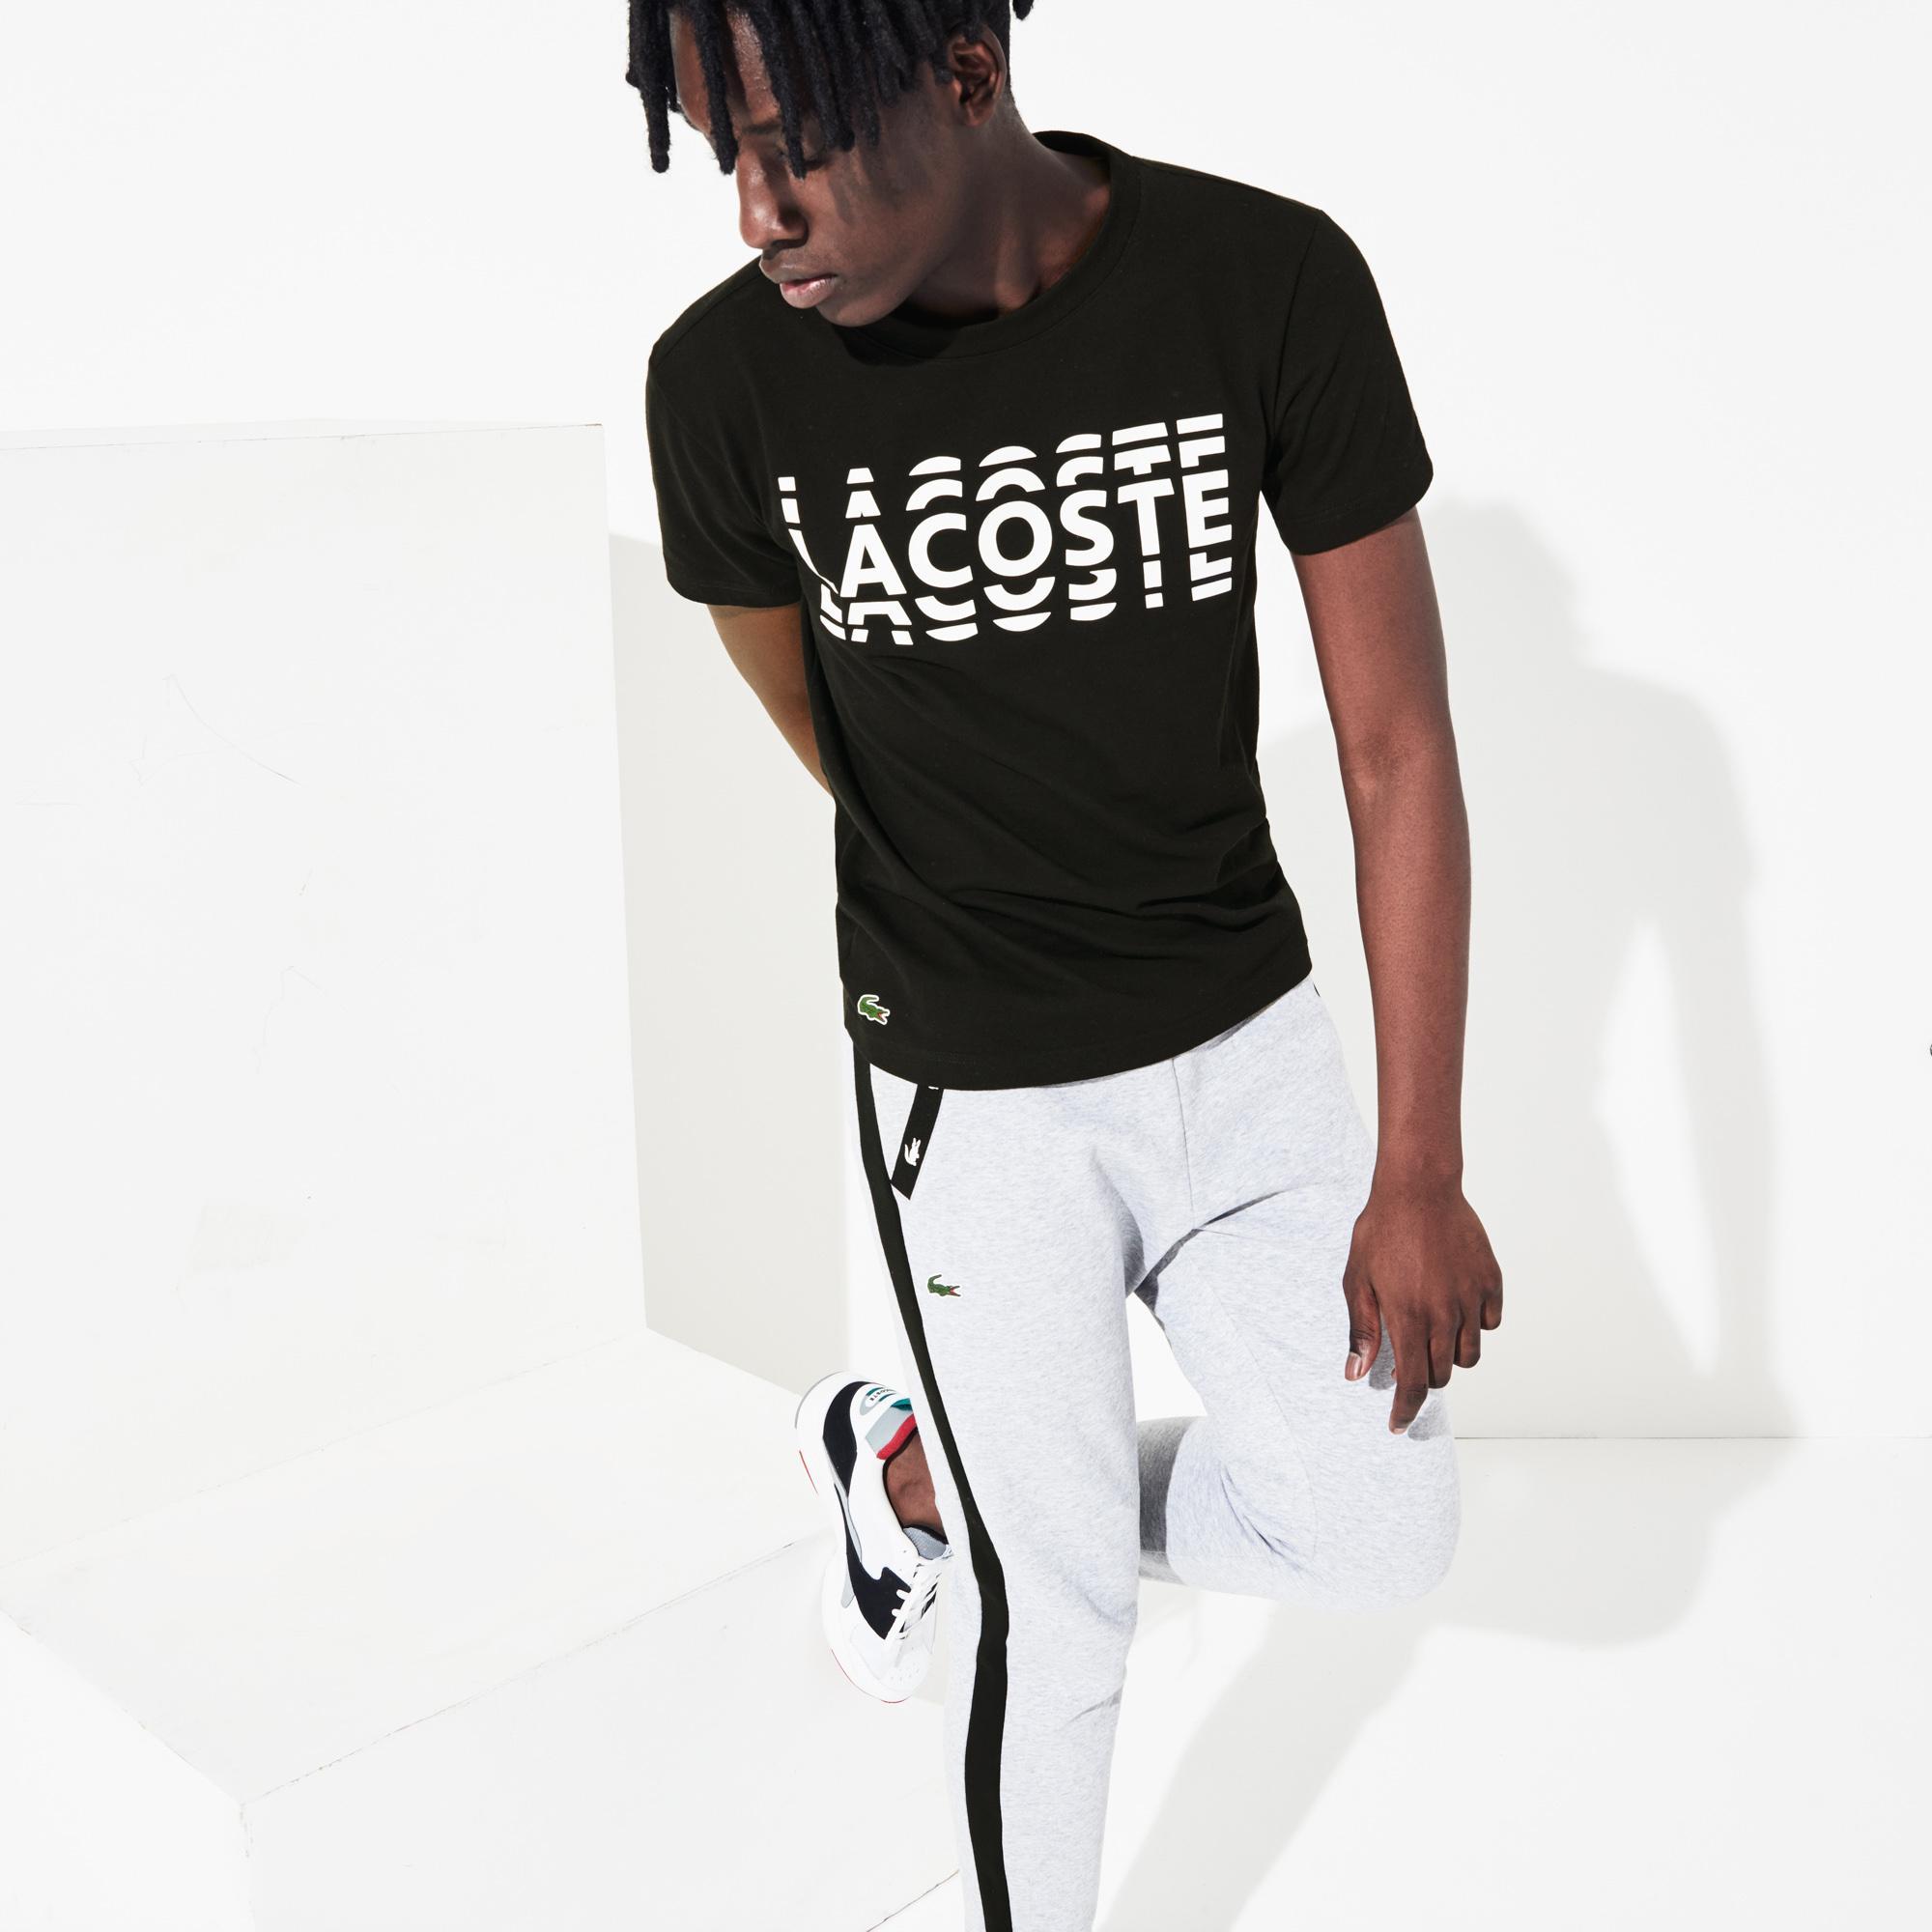 Lacoste Męski T-Shirt Z Nadrukiem Z Mieszanki Bawełnianej